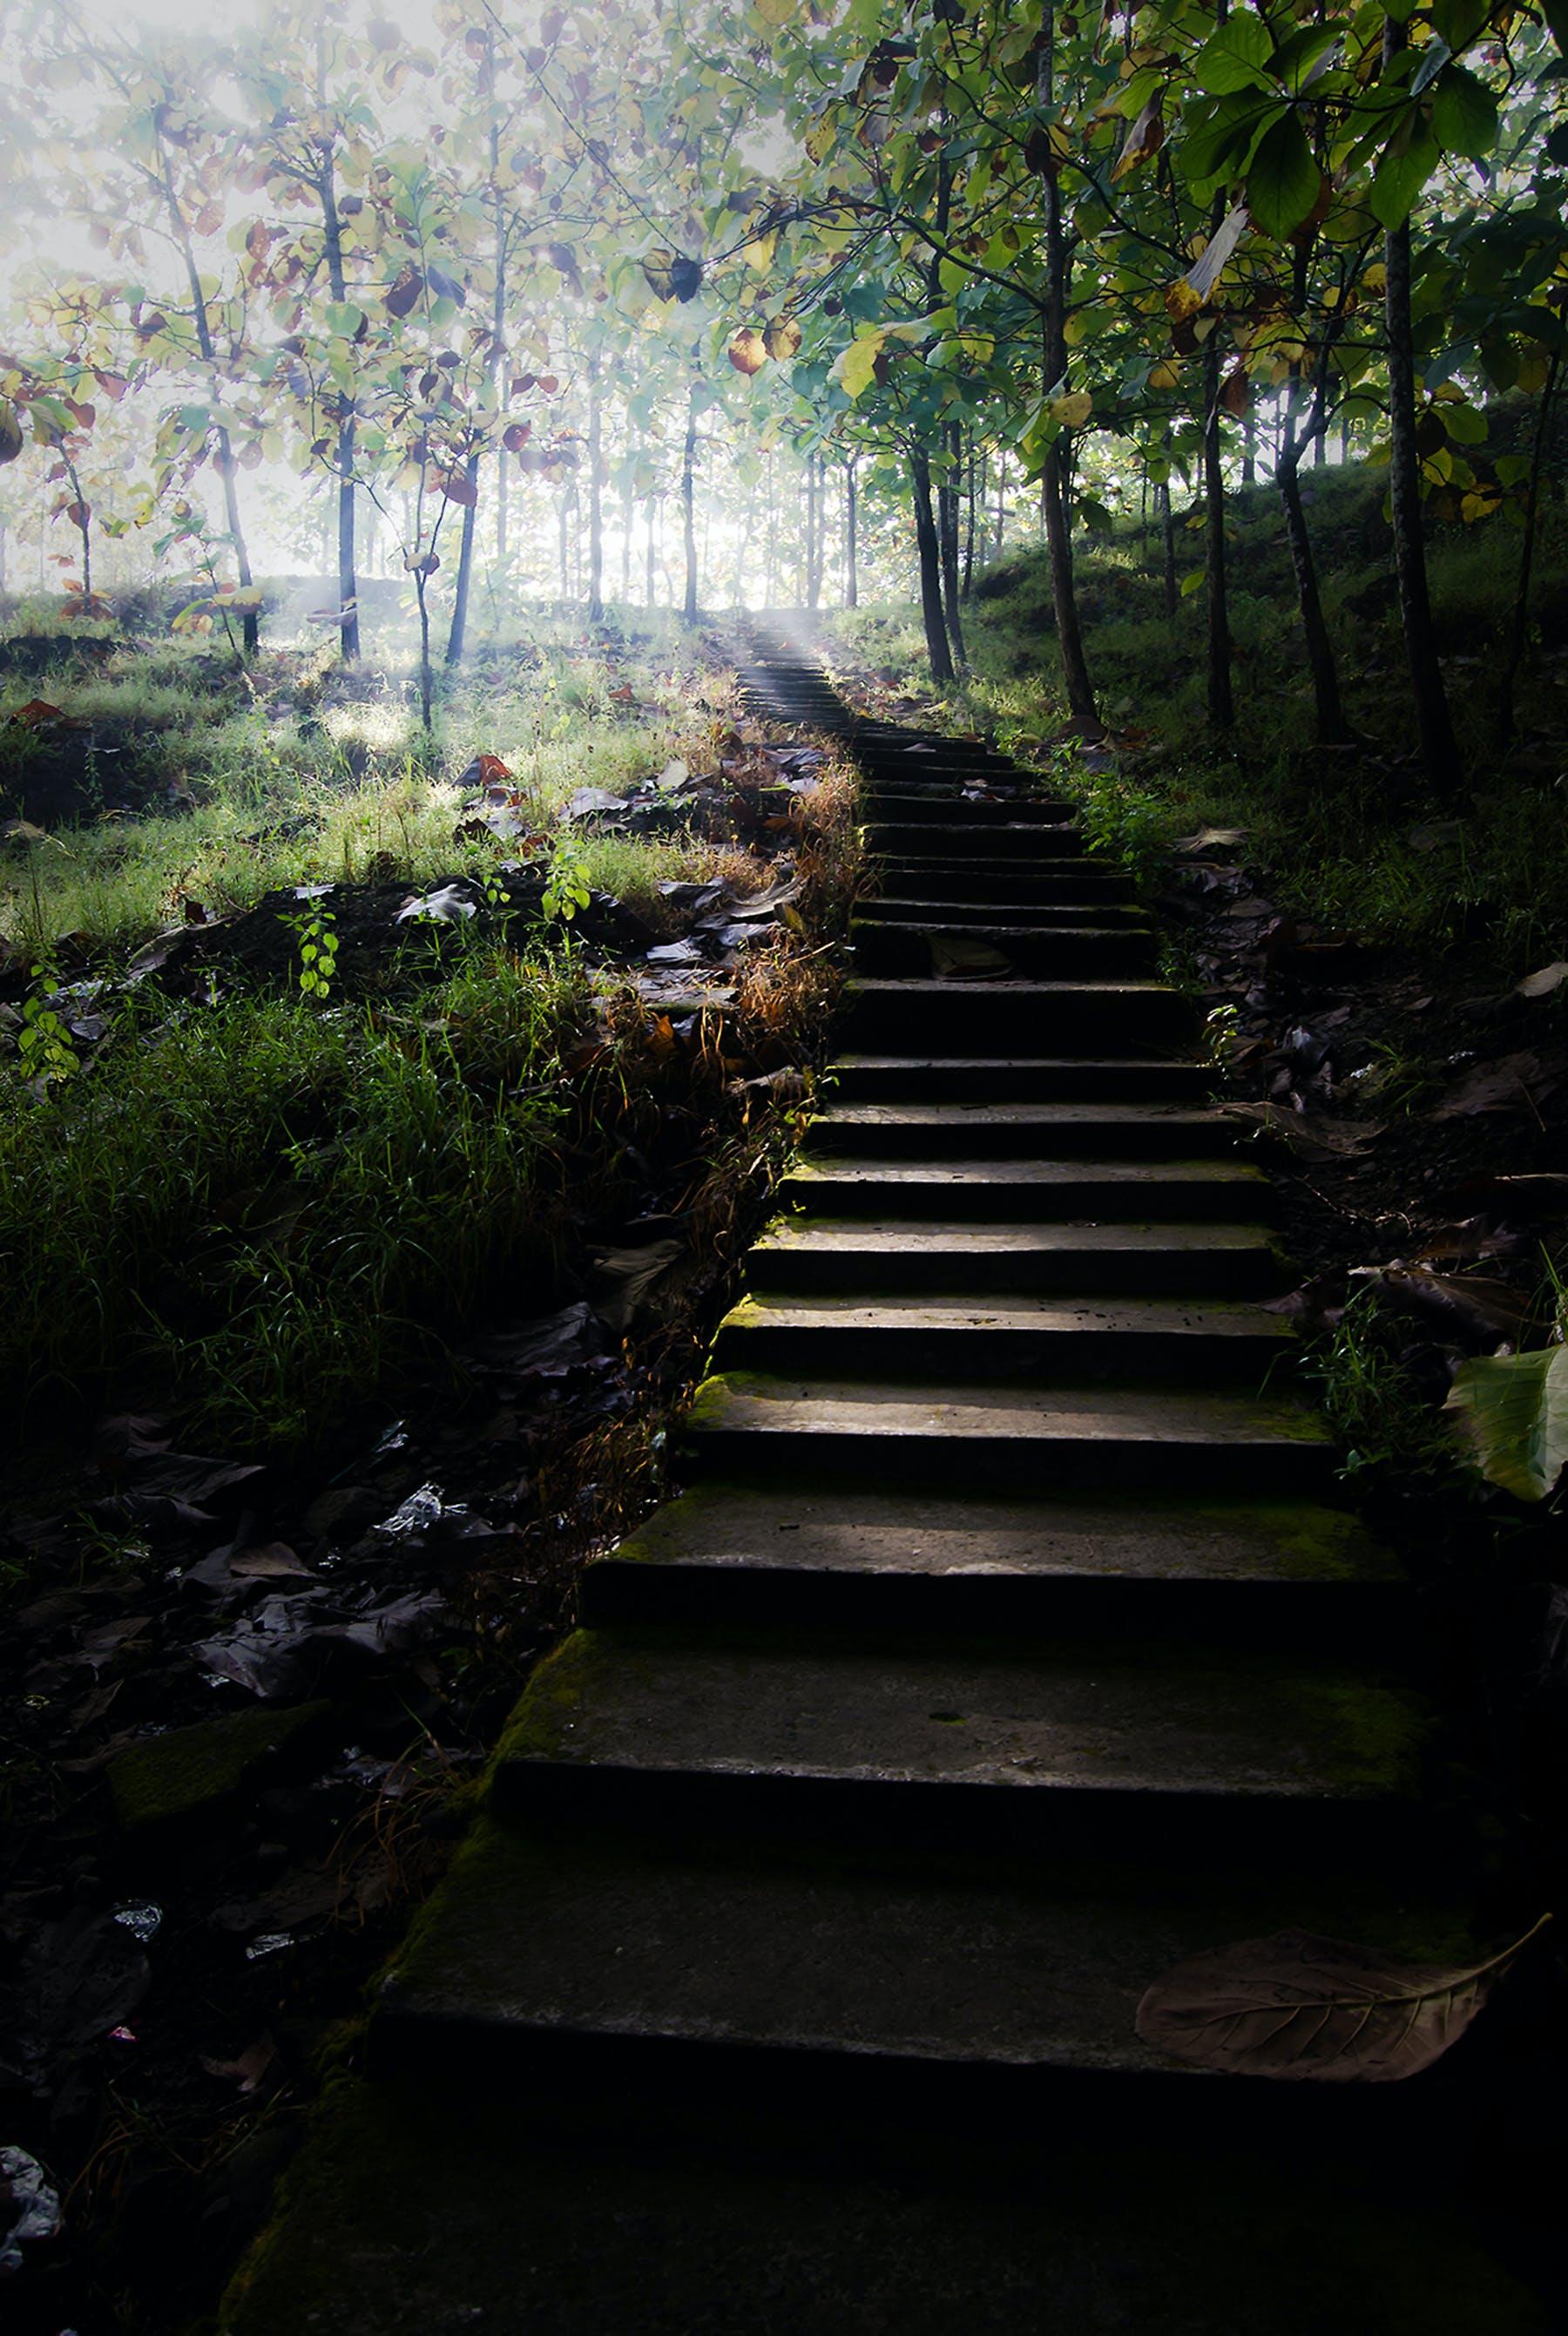 açık, adım atmak, ağaçlar, Bahçe içeren Ücretsiz stok fotoğraf